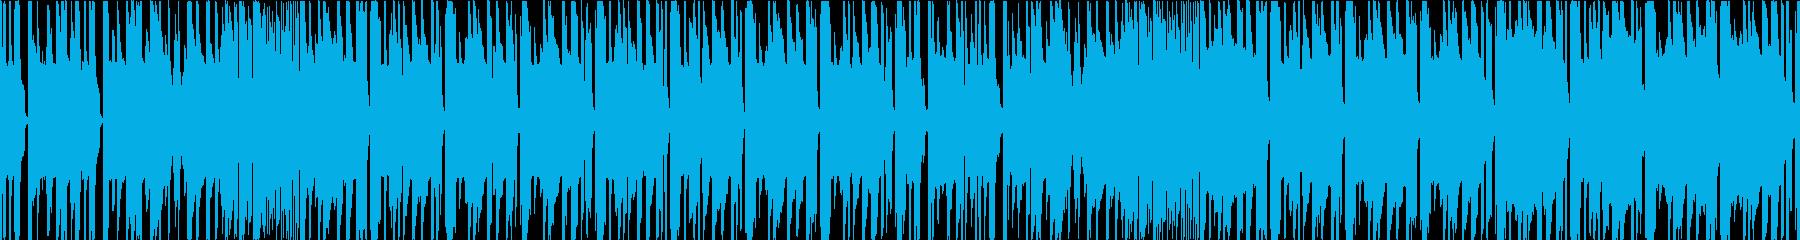 タイトなシンセと女声のミドルテンポEDMの再生済みの波形